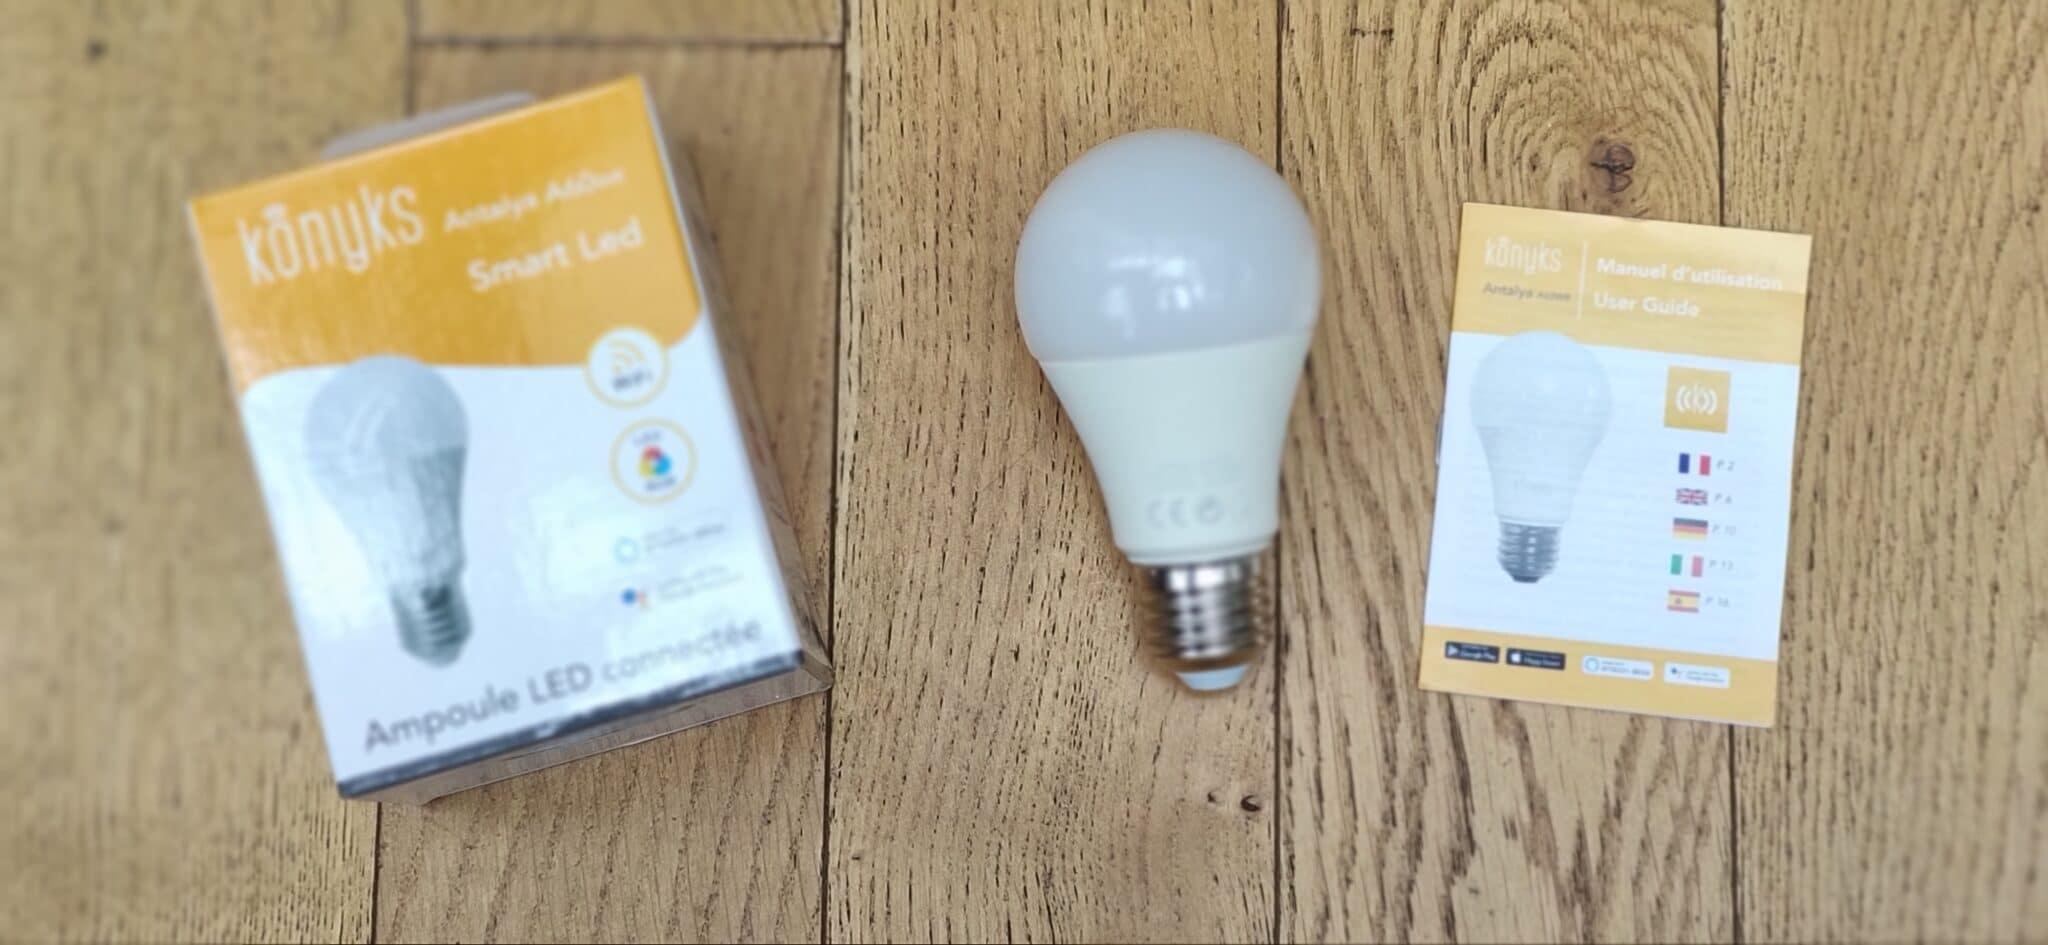 Konyks ampoule connectée